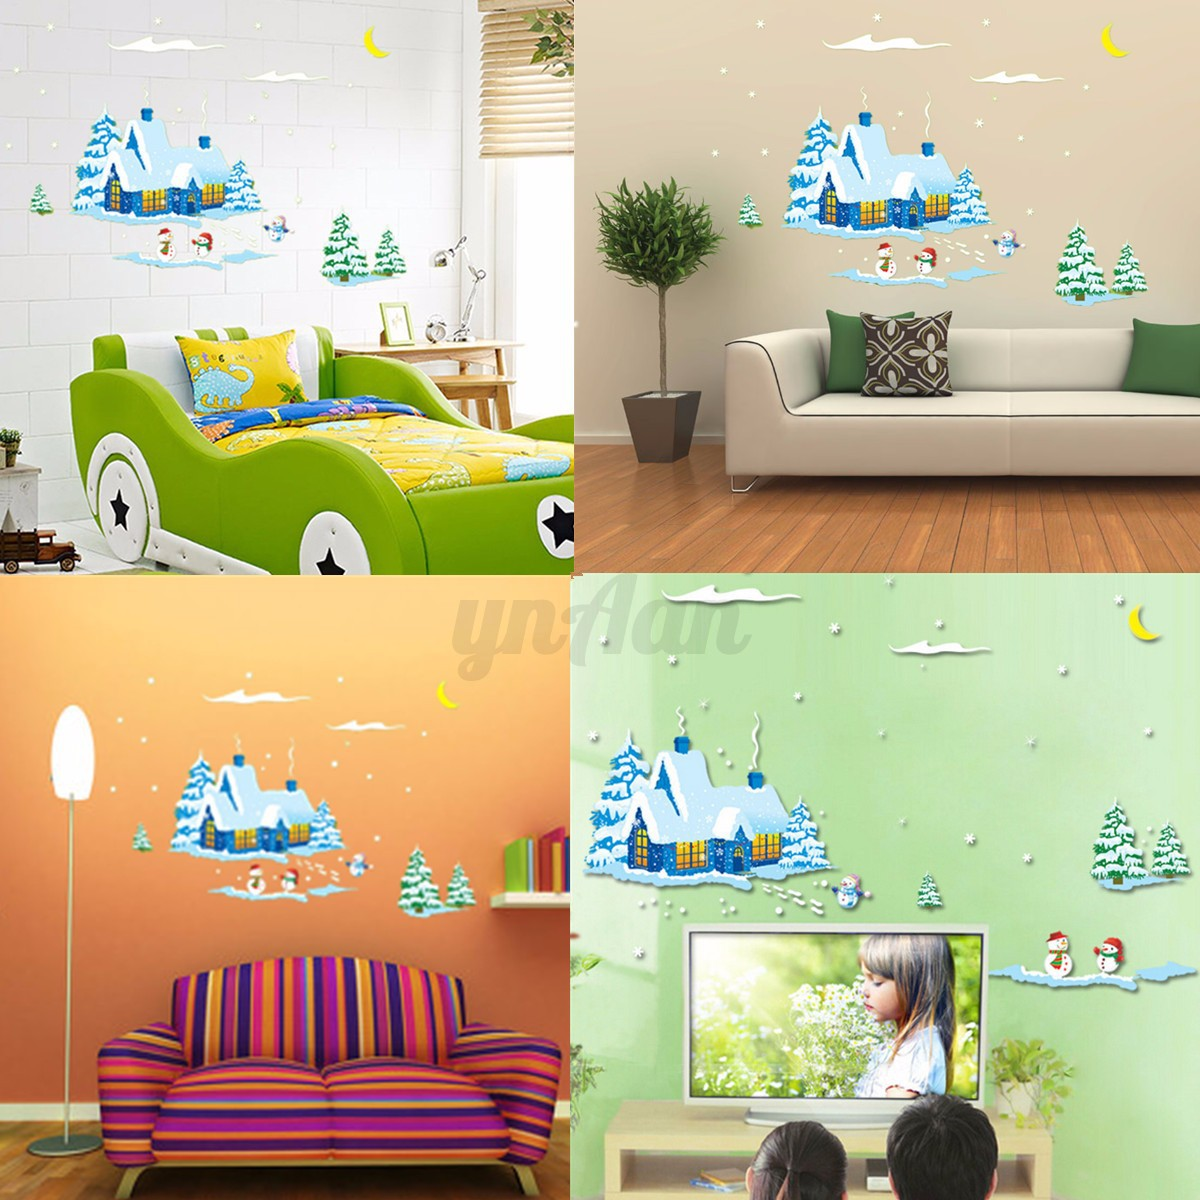 Neige sticker autocollant mural fen tre chambren maison for Autocollant decoratif maison